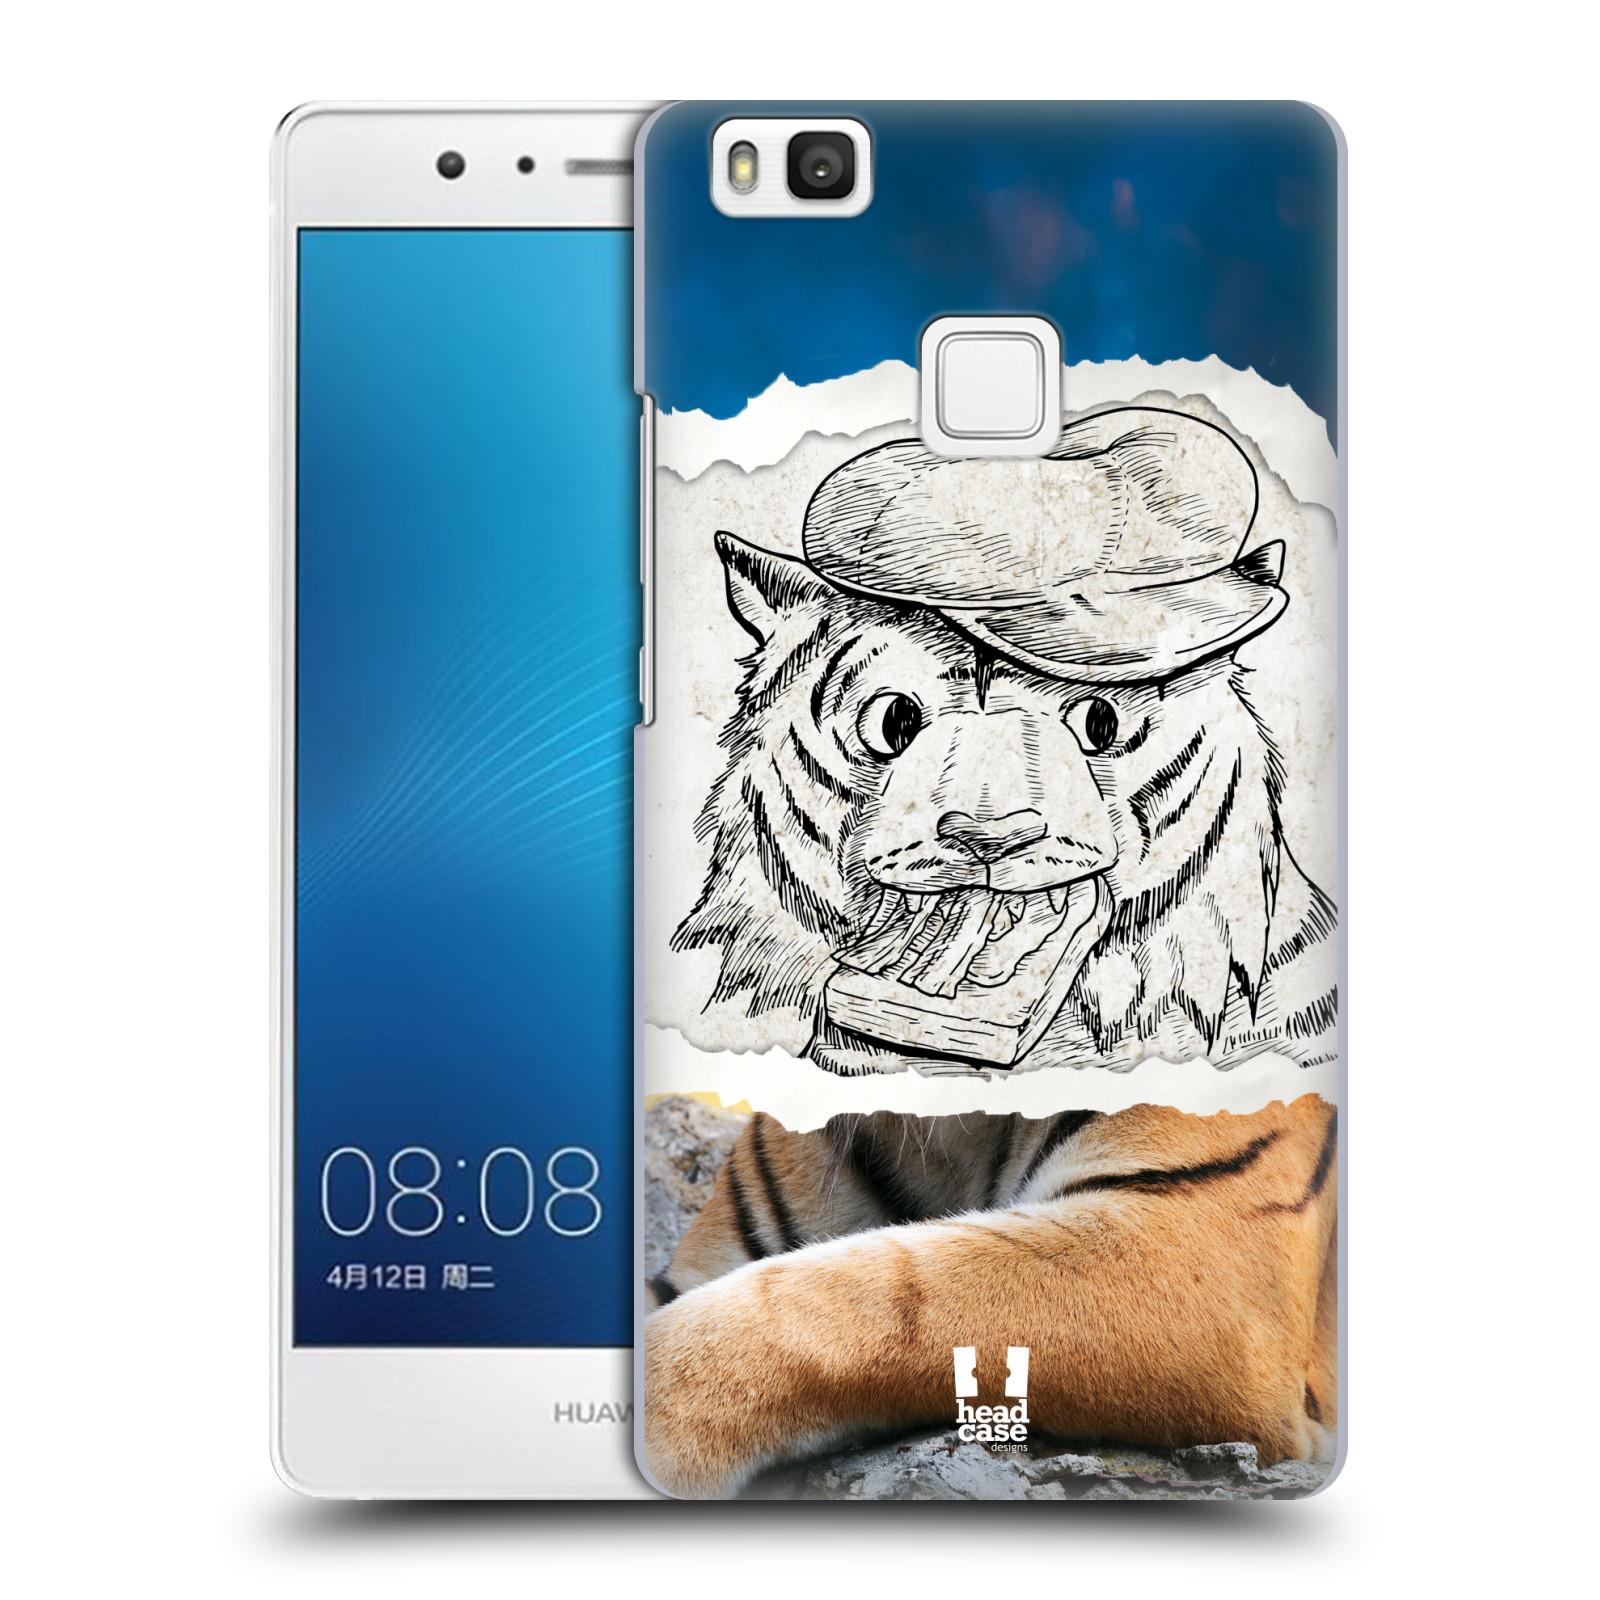 HEAD CASE plastový obal na mobil Huawei P9 LITE / P9 LITE DUAL SIM vzor zvířata koláž tygr fešák